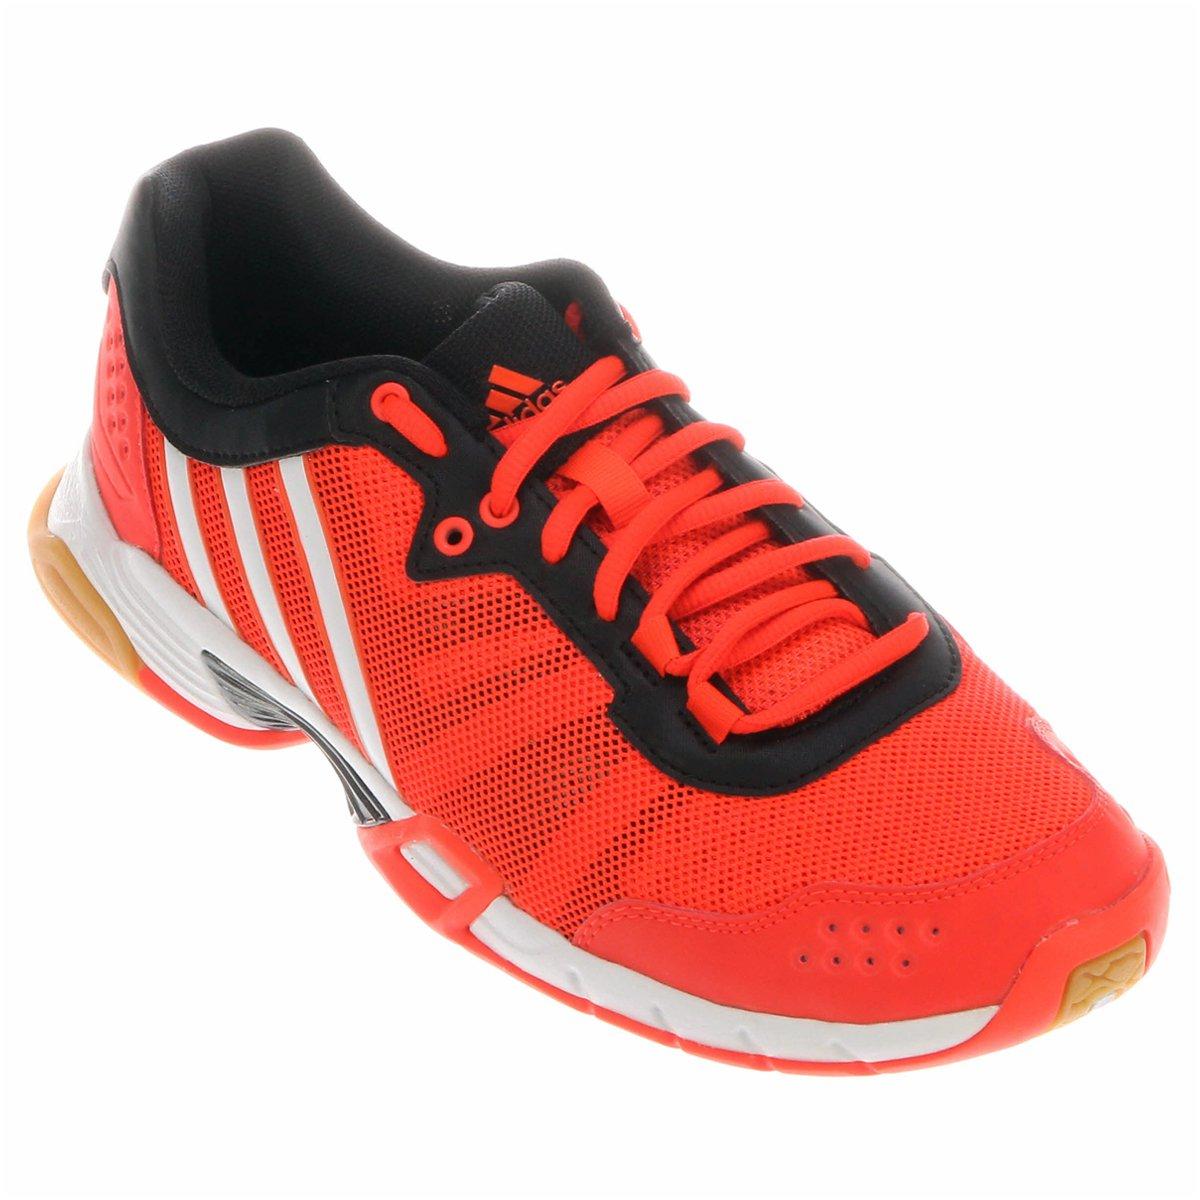 5a37e62aec4 Tênis Adidas Team 2 - Compre Agora